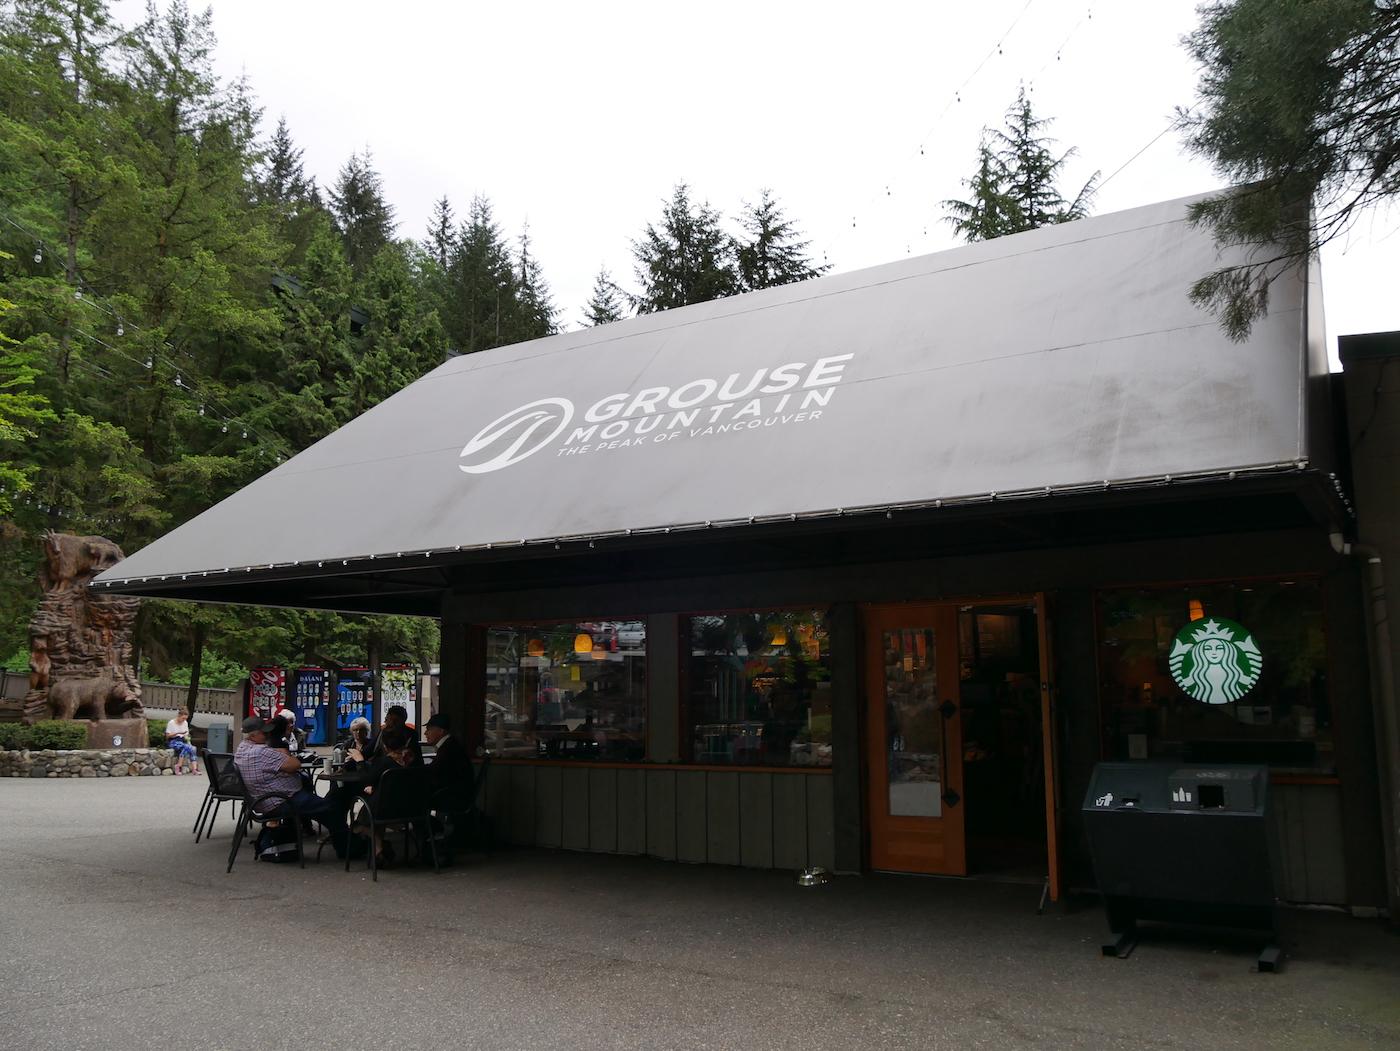 départ Grouse Mountain Vancouver